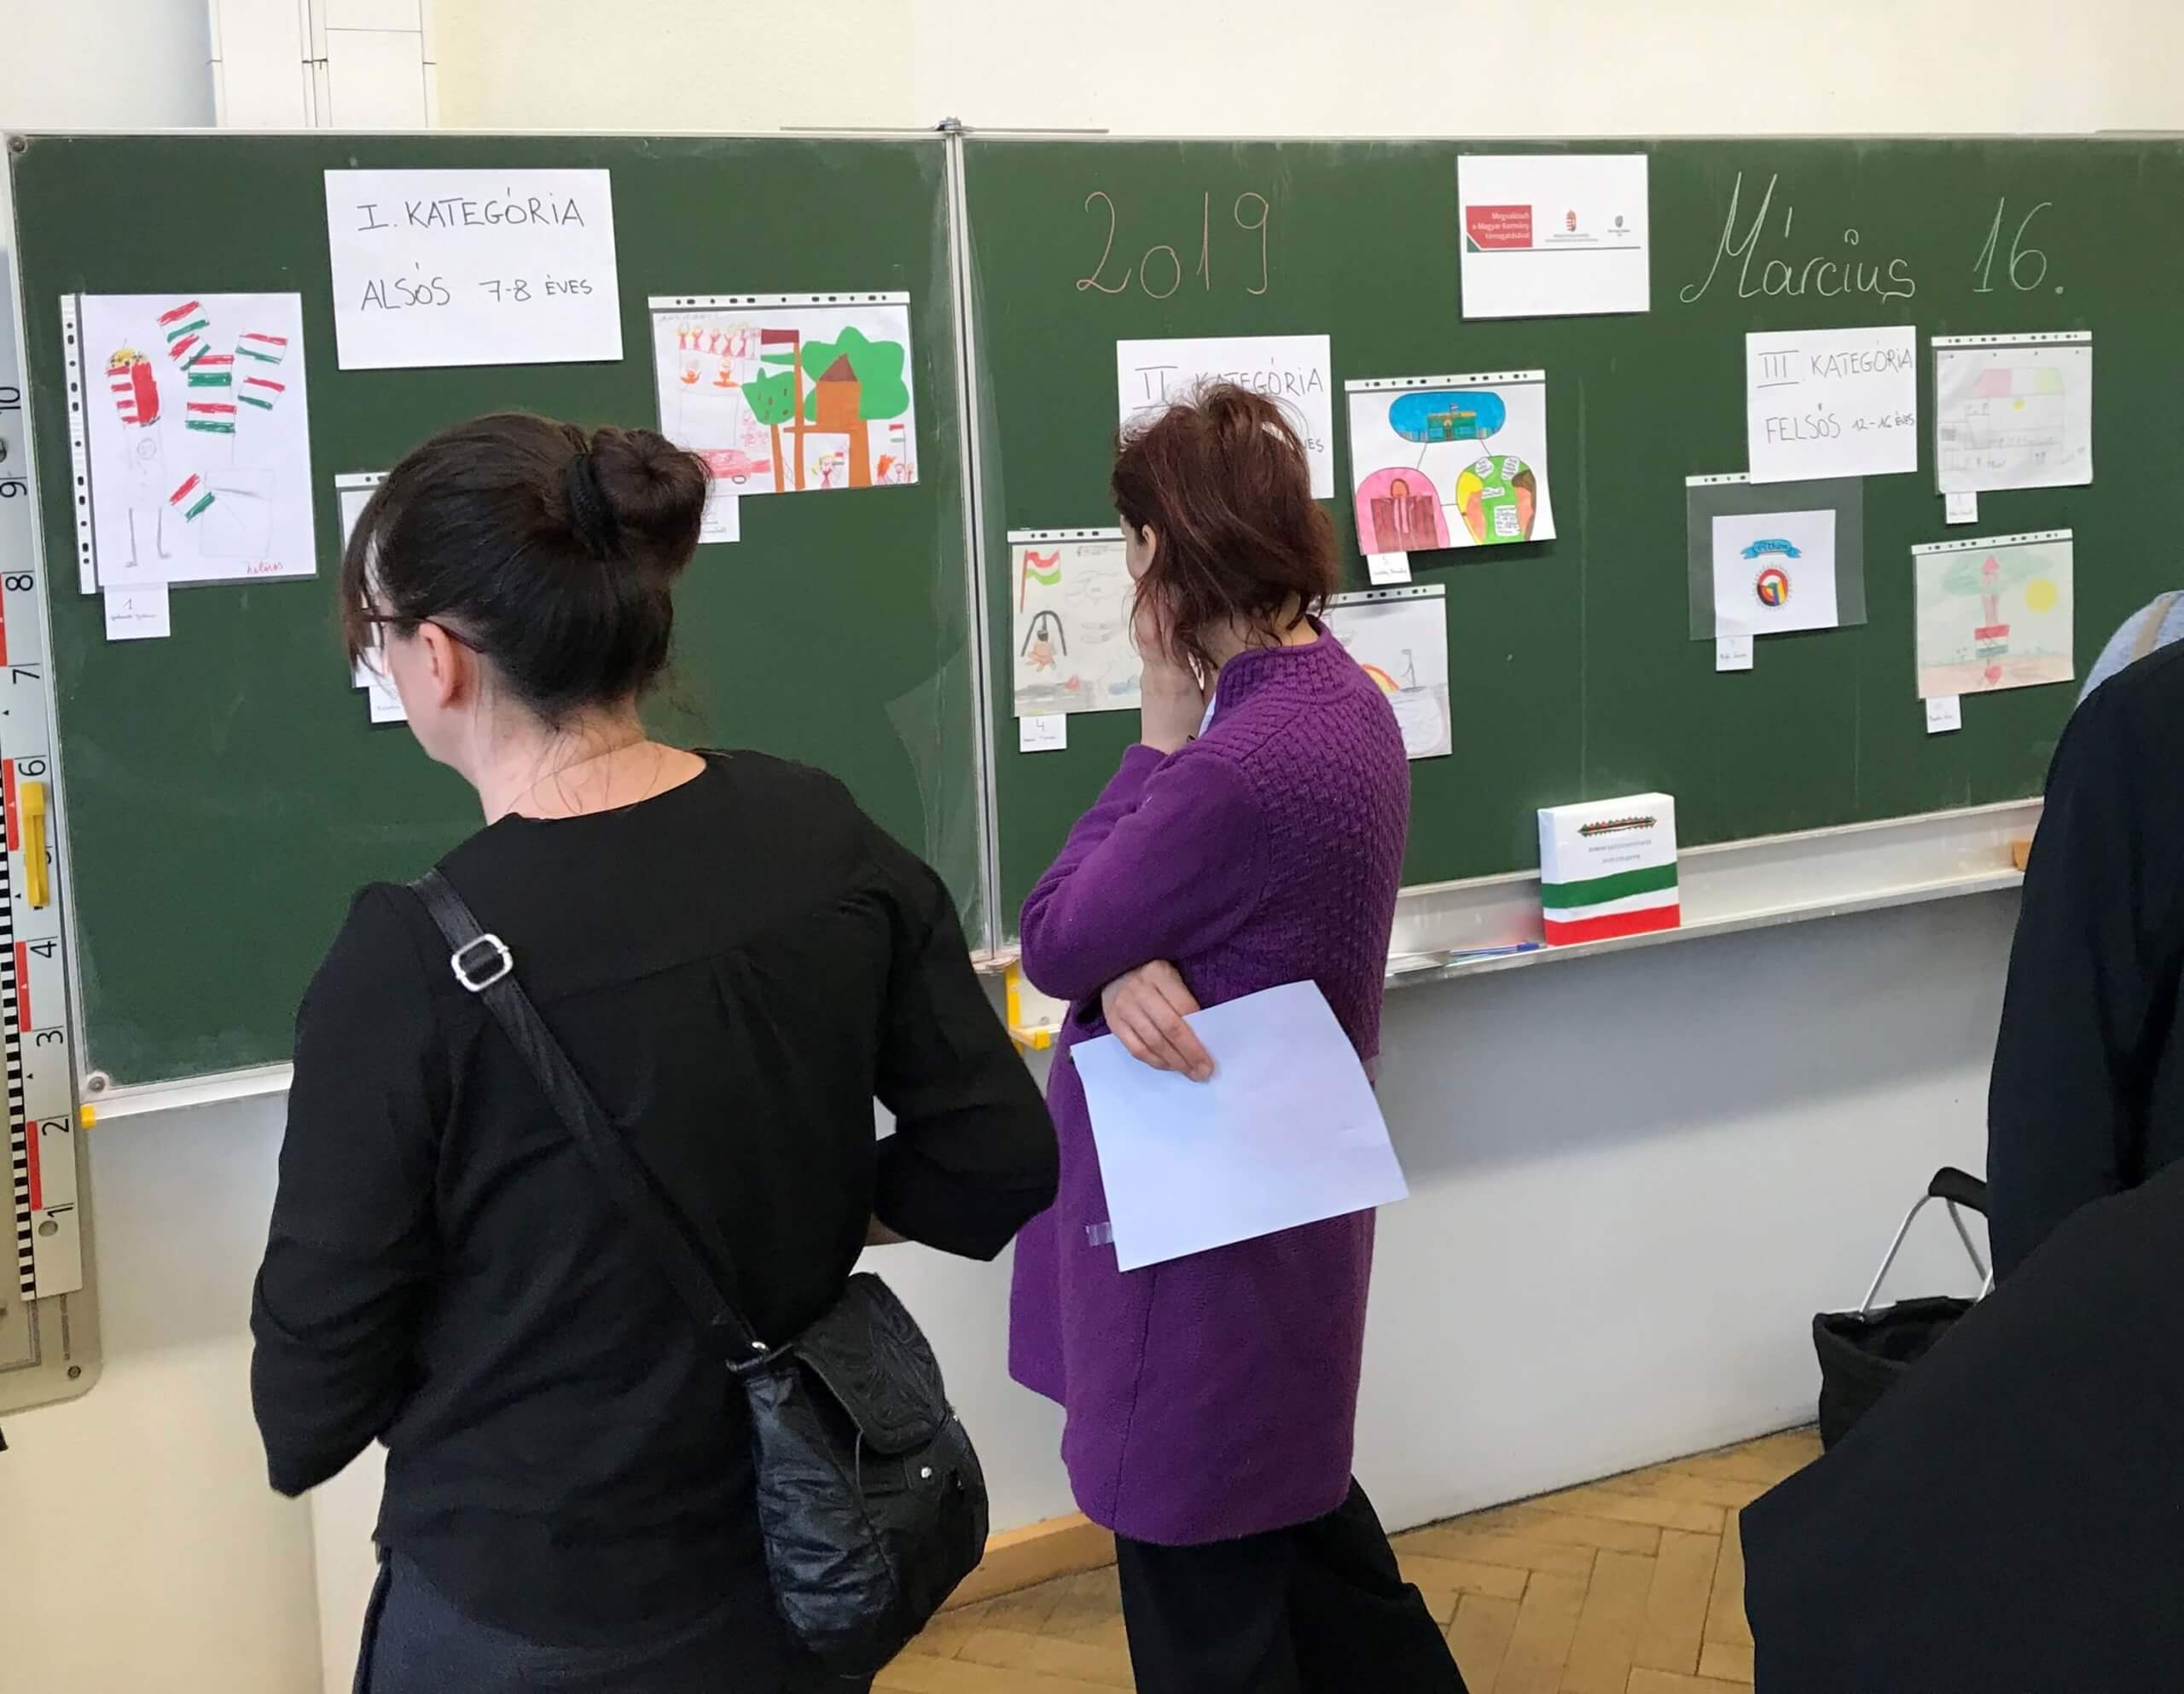 felnőttek nézik a rajzpályázat munkáit